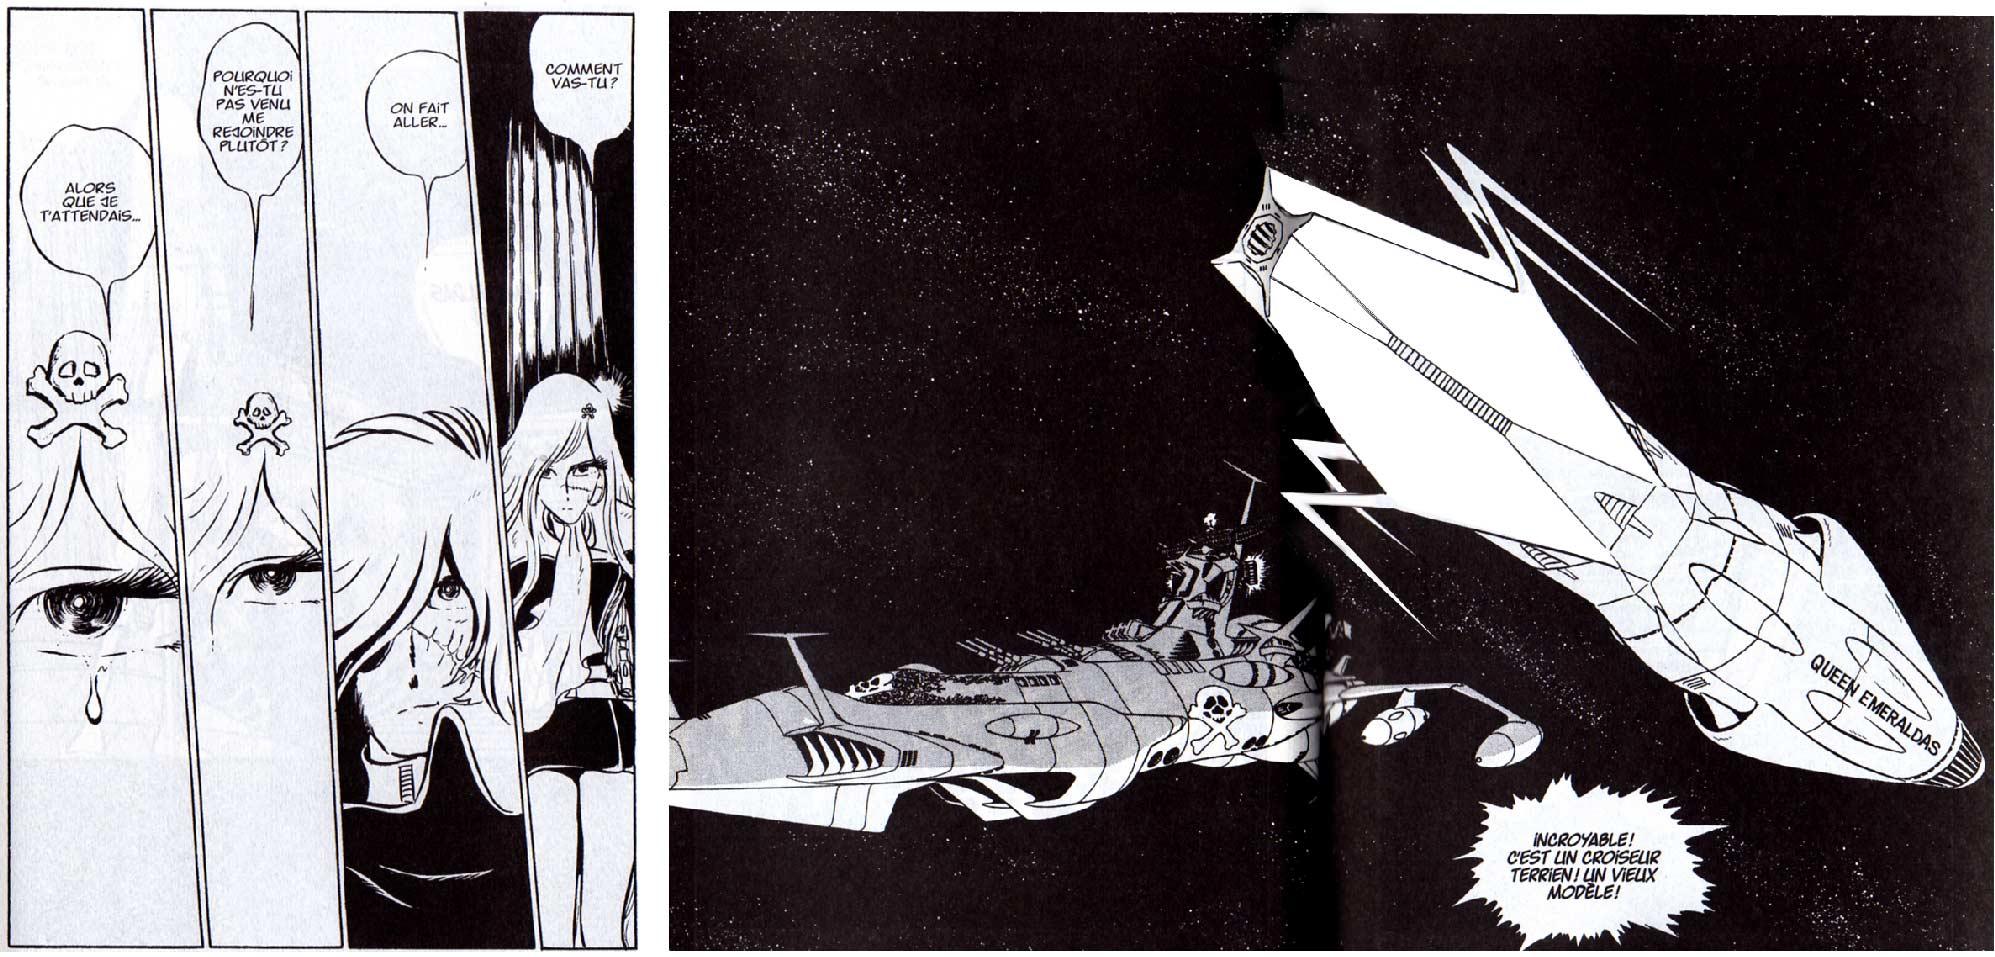 Le design du Queen Emeraldas était très différent lors de sa première apparition dans le manga Capitaine Albator de 1977